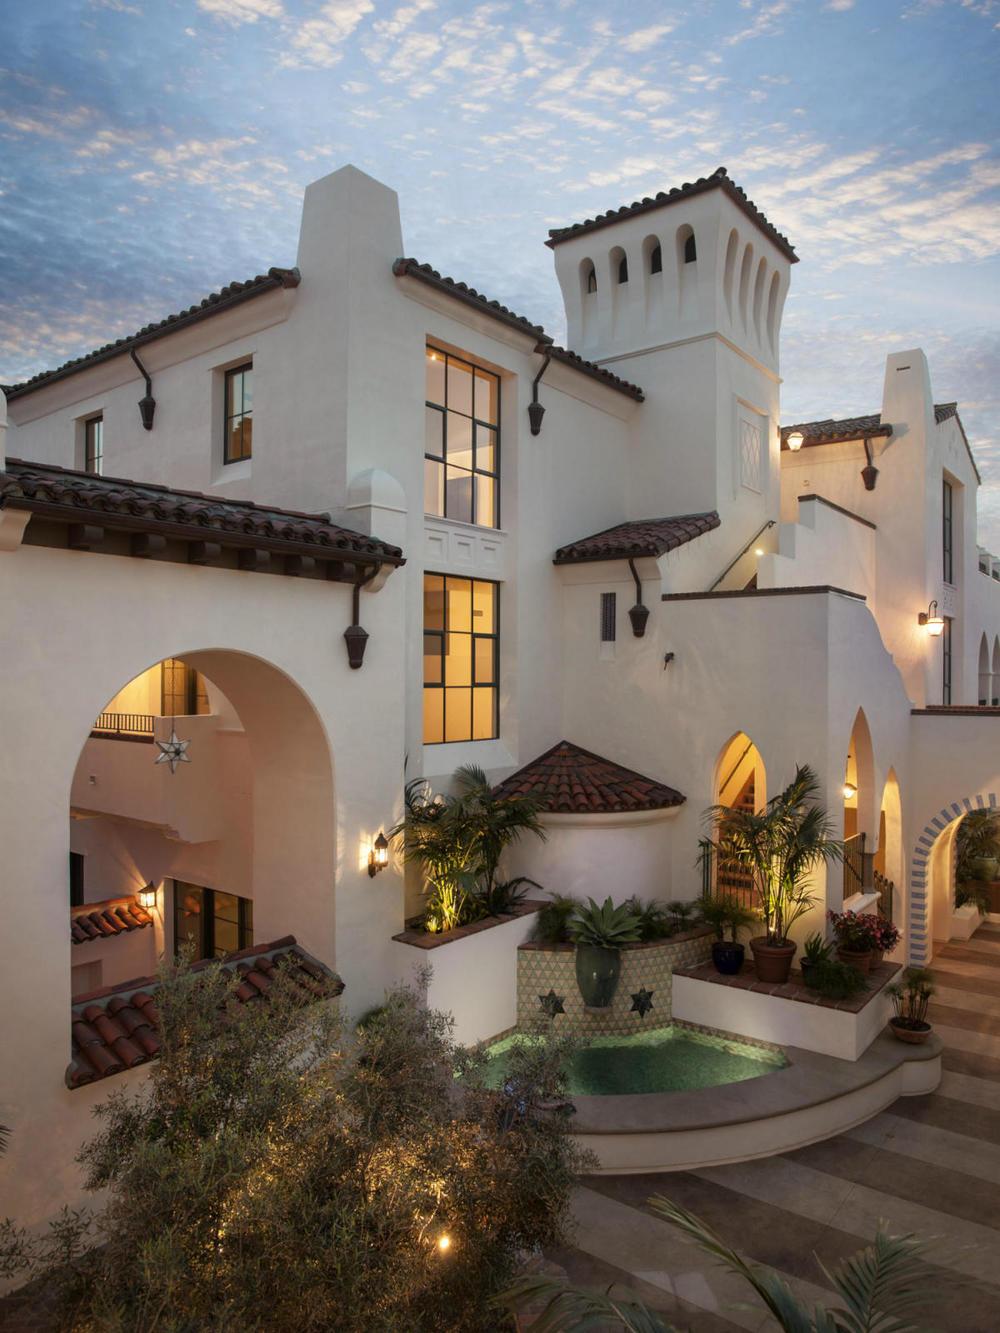 Santa Barbara Luxury Condo - $1,250,000